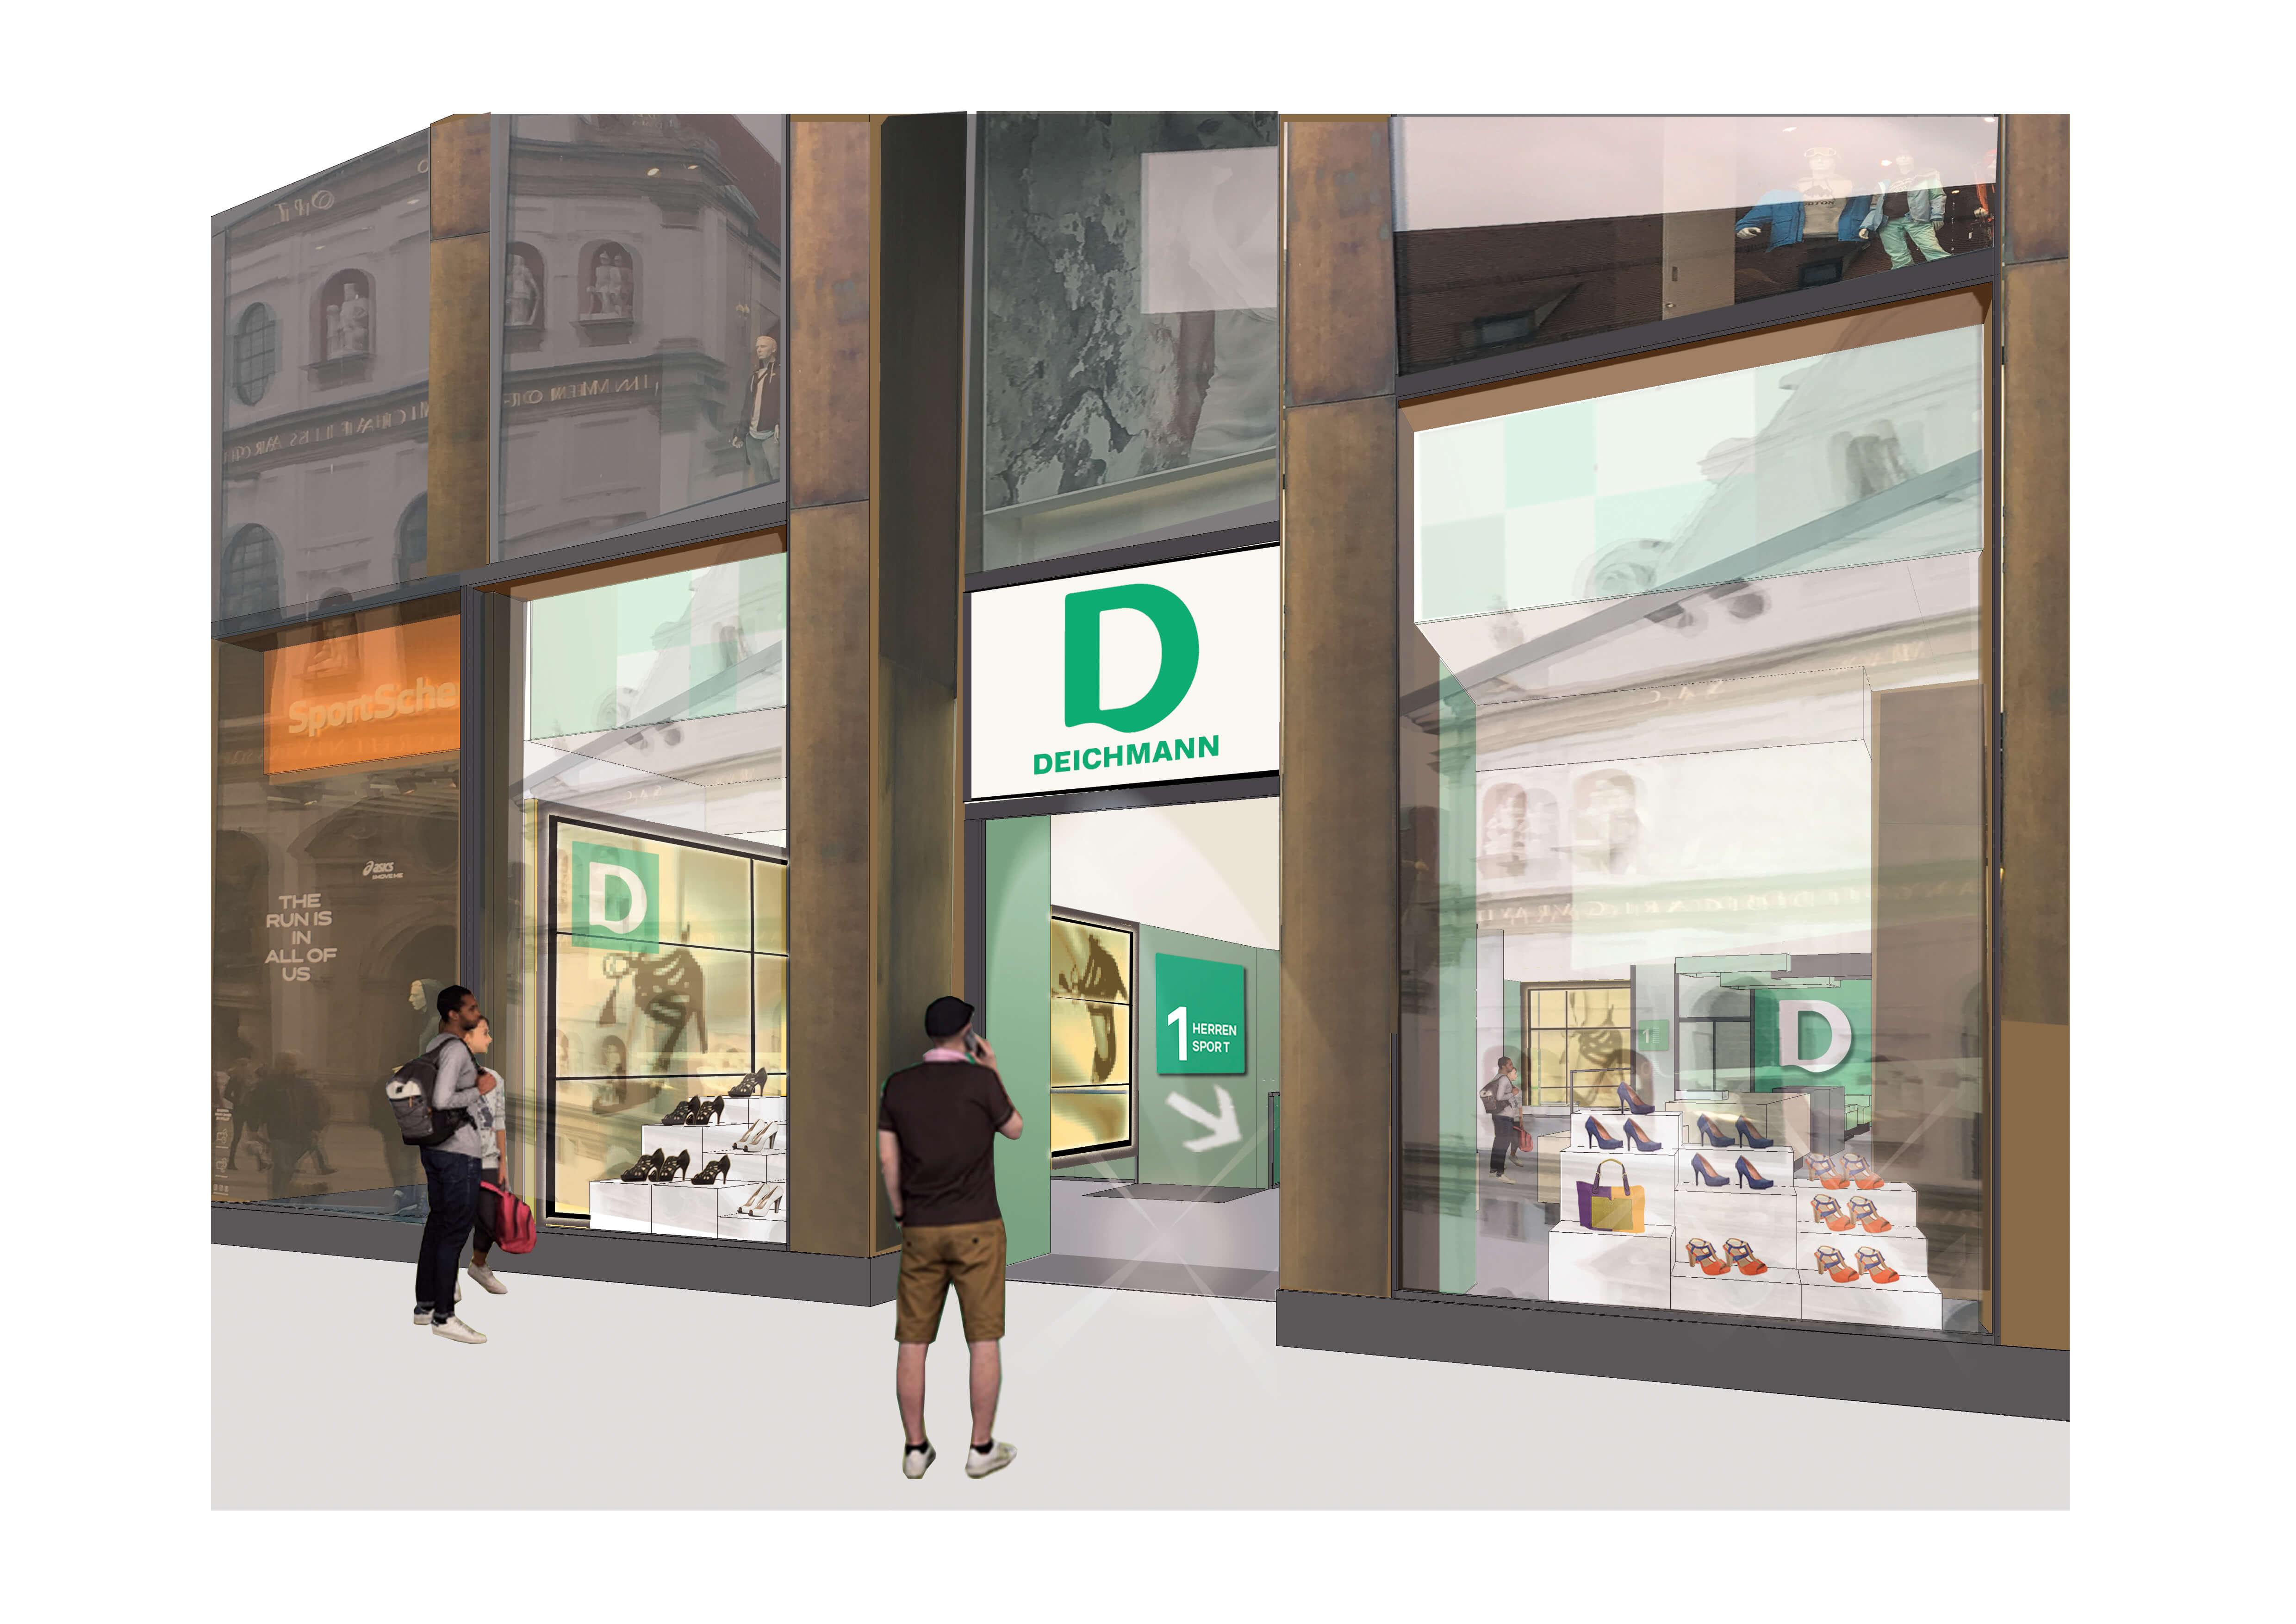 2087930ce50fd8 München ist für den Schuheinzelhändler ein wichtiger und attraktiver  Standort. Das Unternehmen ist seit 34 Jahren in der Landeshauptstadt  vertreten und ...